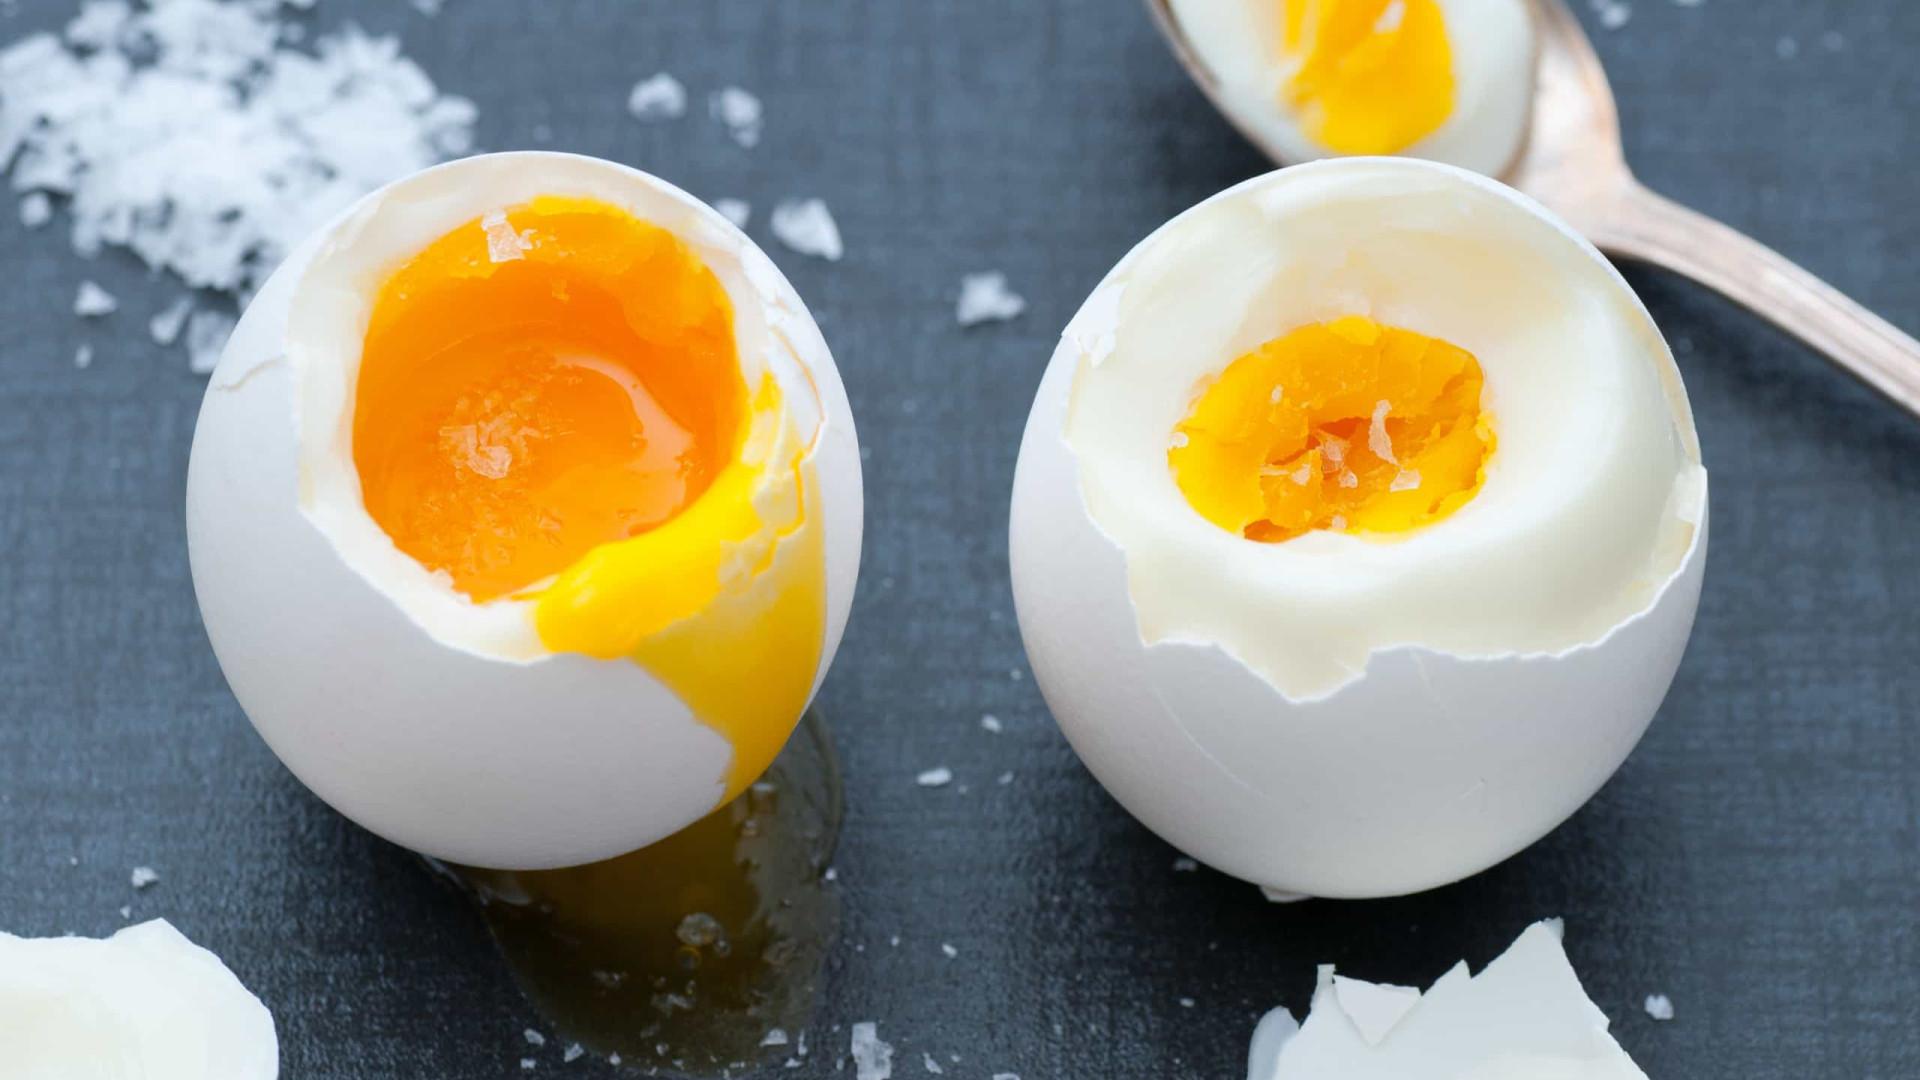 Como os ovos contribuem para o reforço do sistema imunológico